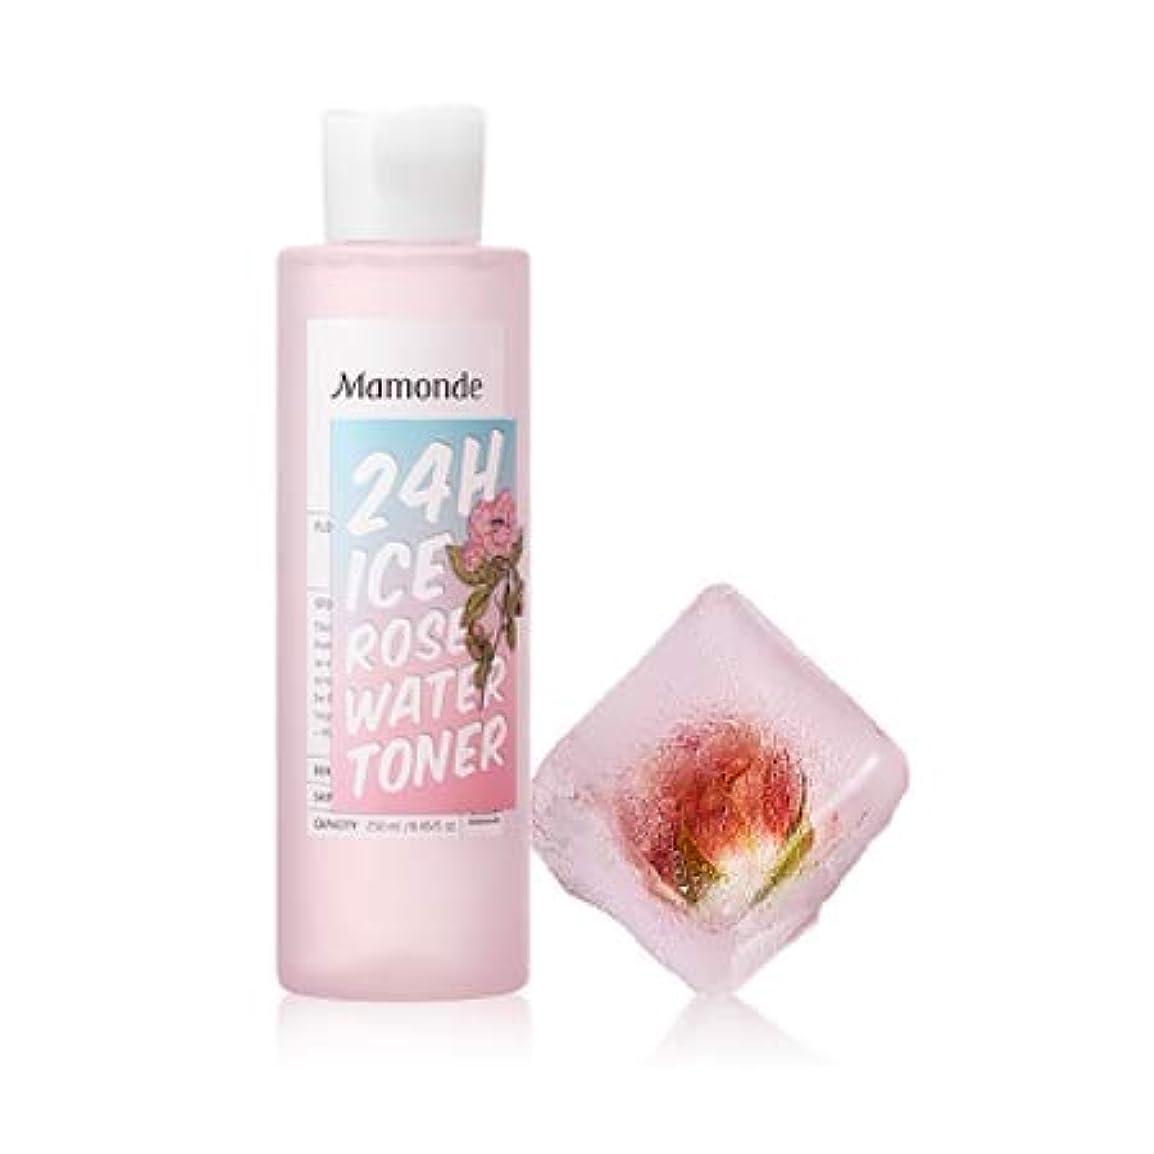 シルクイタリック豚肉【マモンド.mamonde](公式)24Hアイスローズウォータートナー(250ml)(2019.05 new product)/ ice rose water toner